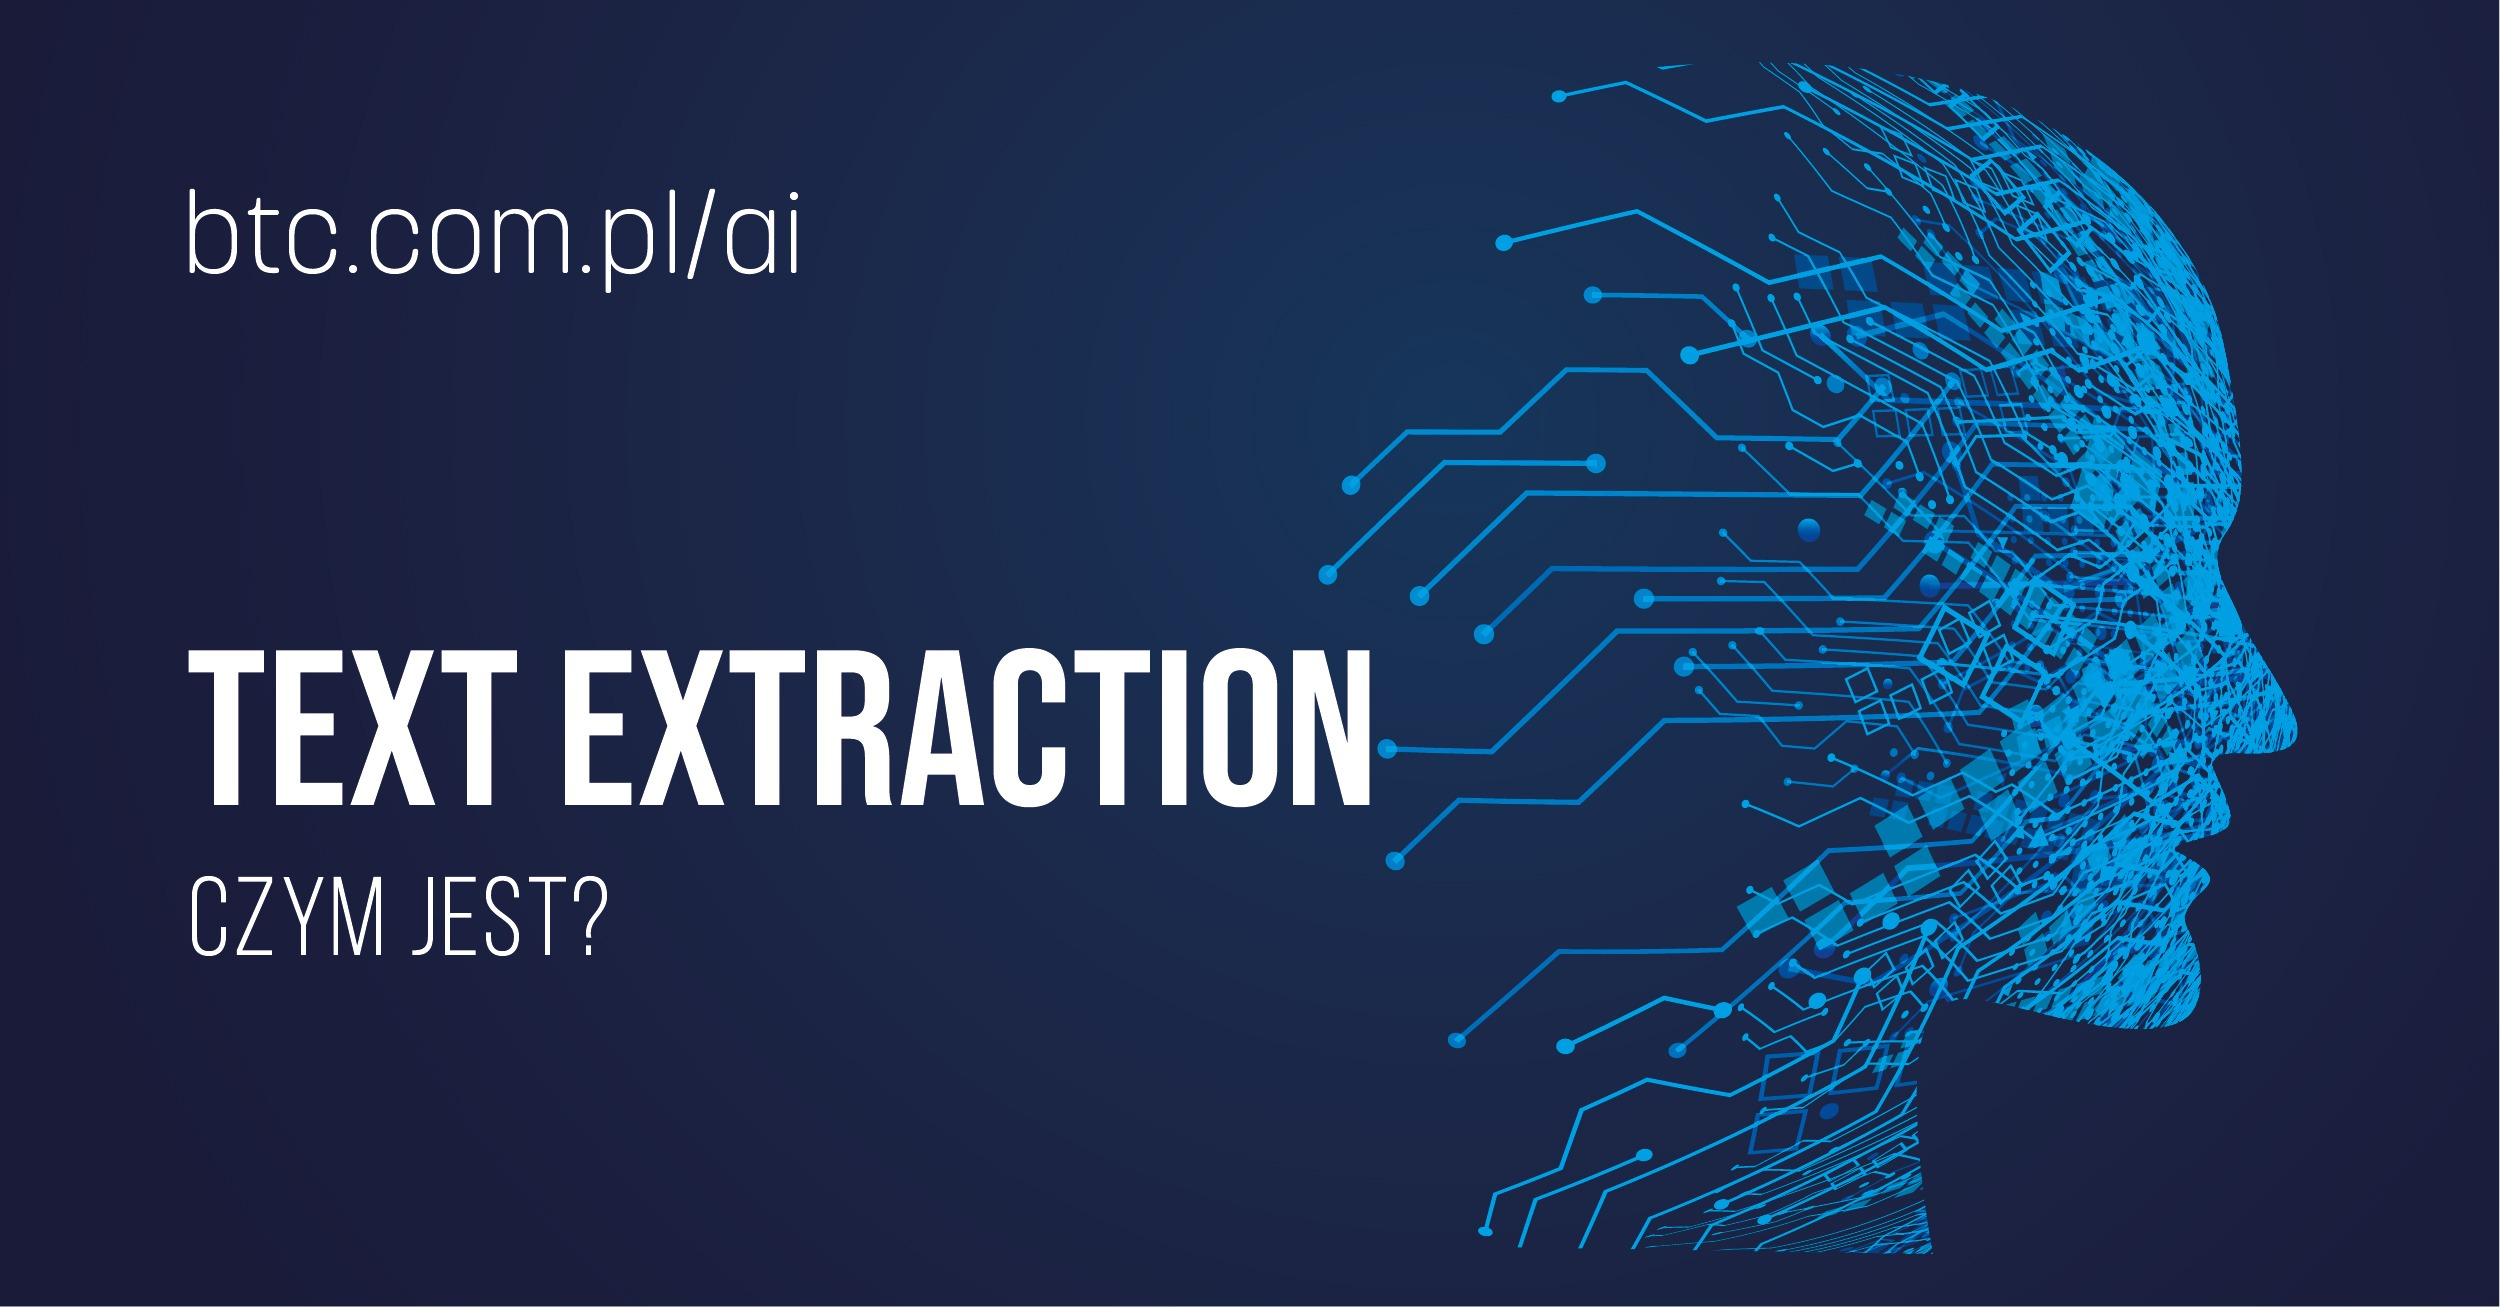 BTC AI Ekstrakcja tekstu – zastosowanie w biznesie